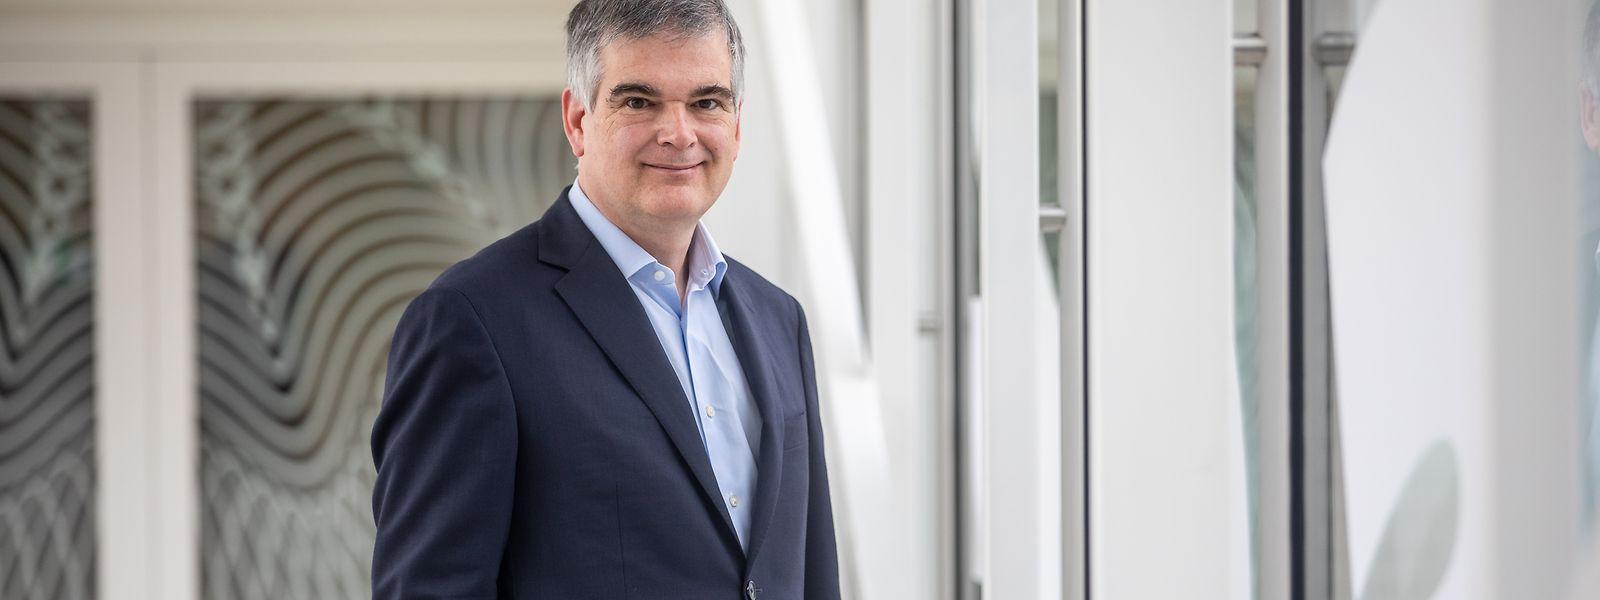 """Claude Marx leitet die Luxemburger Finanzaufsichtsbehörde CSSF seit 2016: """"Die Eigenkapitalquote der Luxemburger Banken ist immer noch sehr hoch."""""""